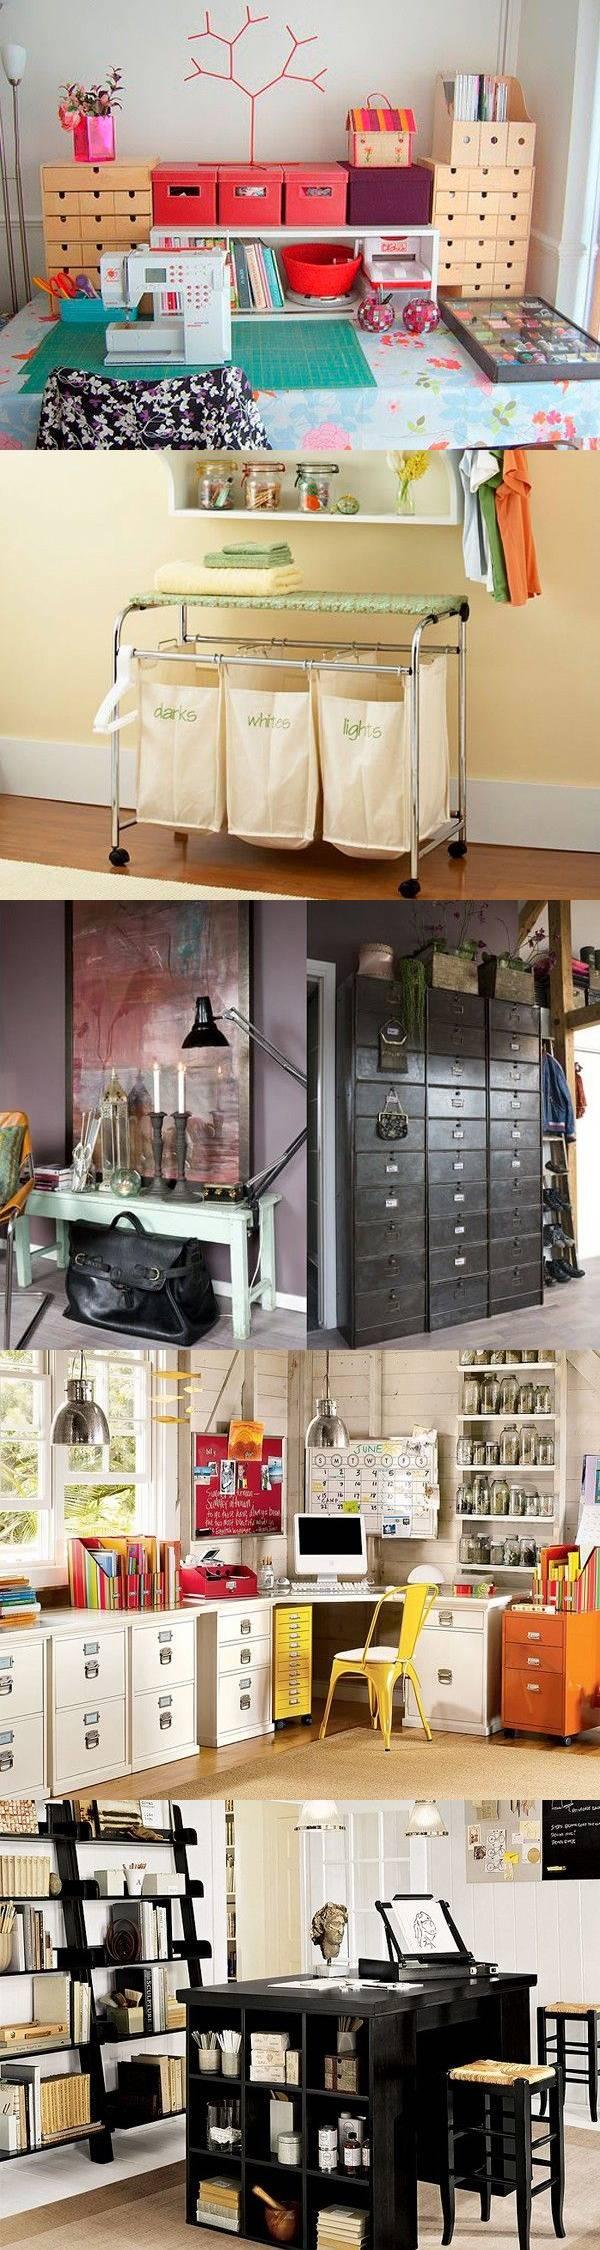 31 идея хранения вещей в доме